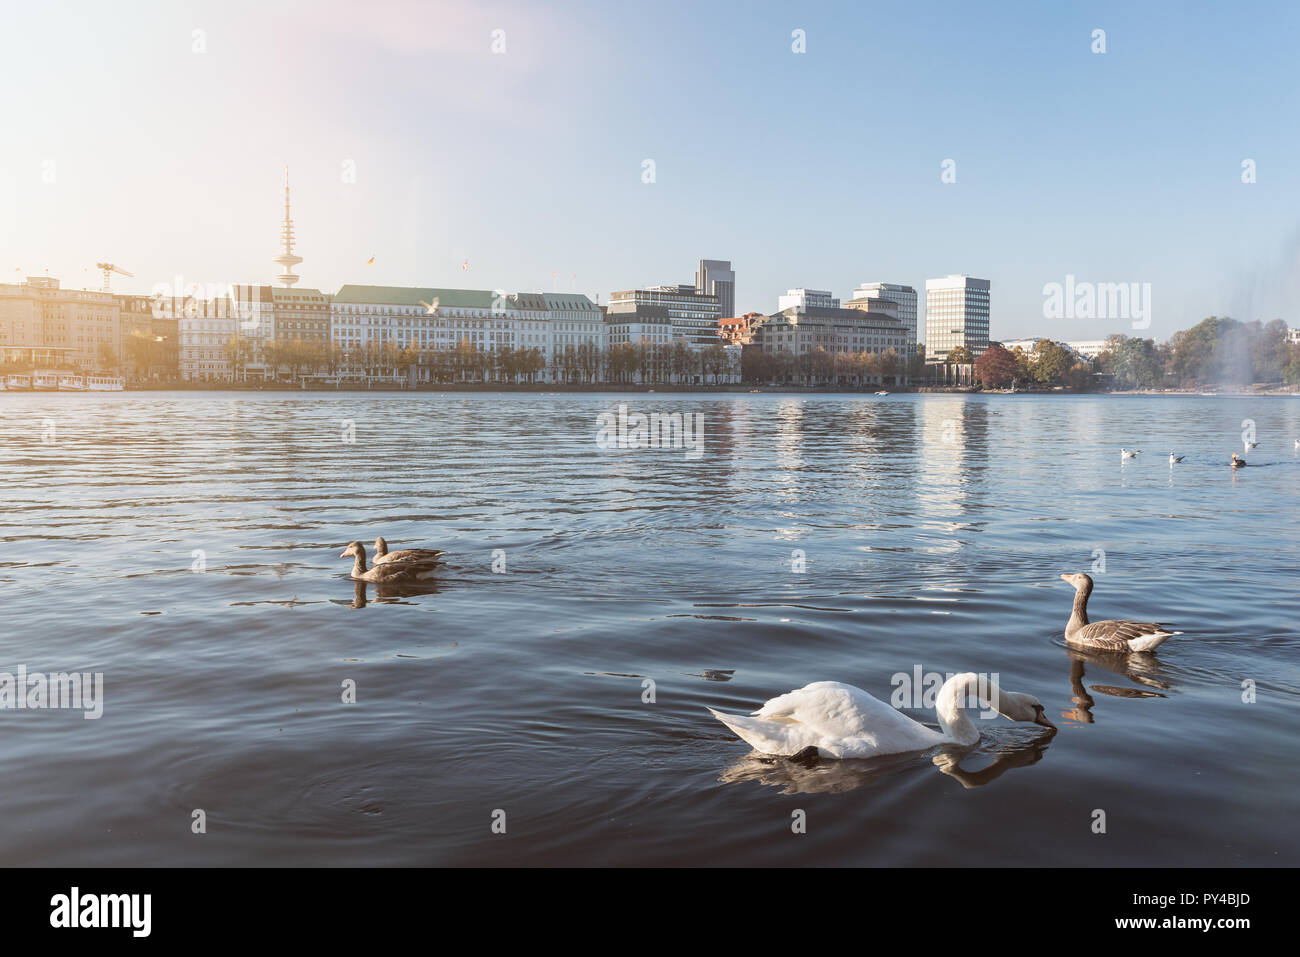 Cisnes y patos flotando en el lago Alster, en Hamburgo, Alemania. Foto de stock